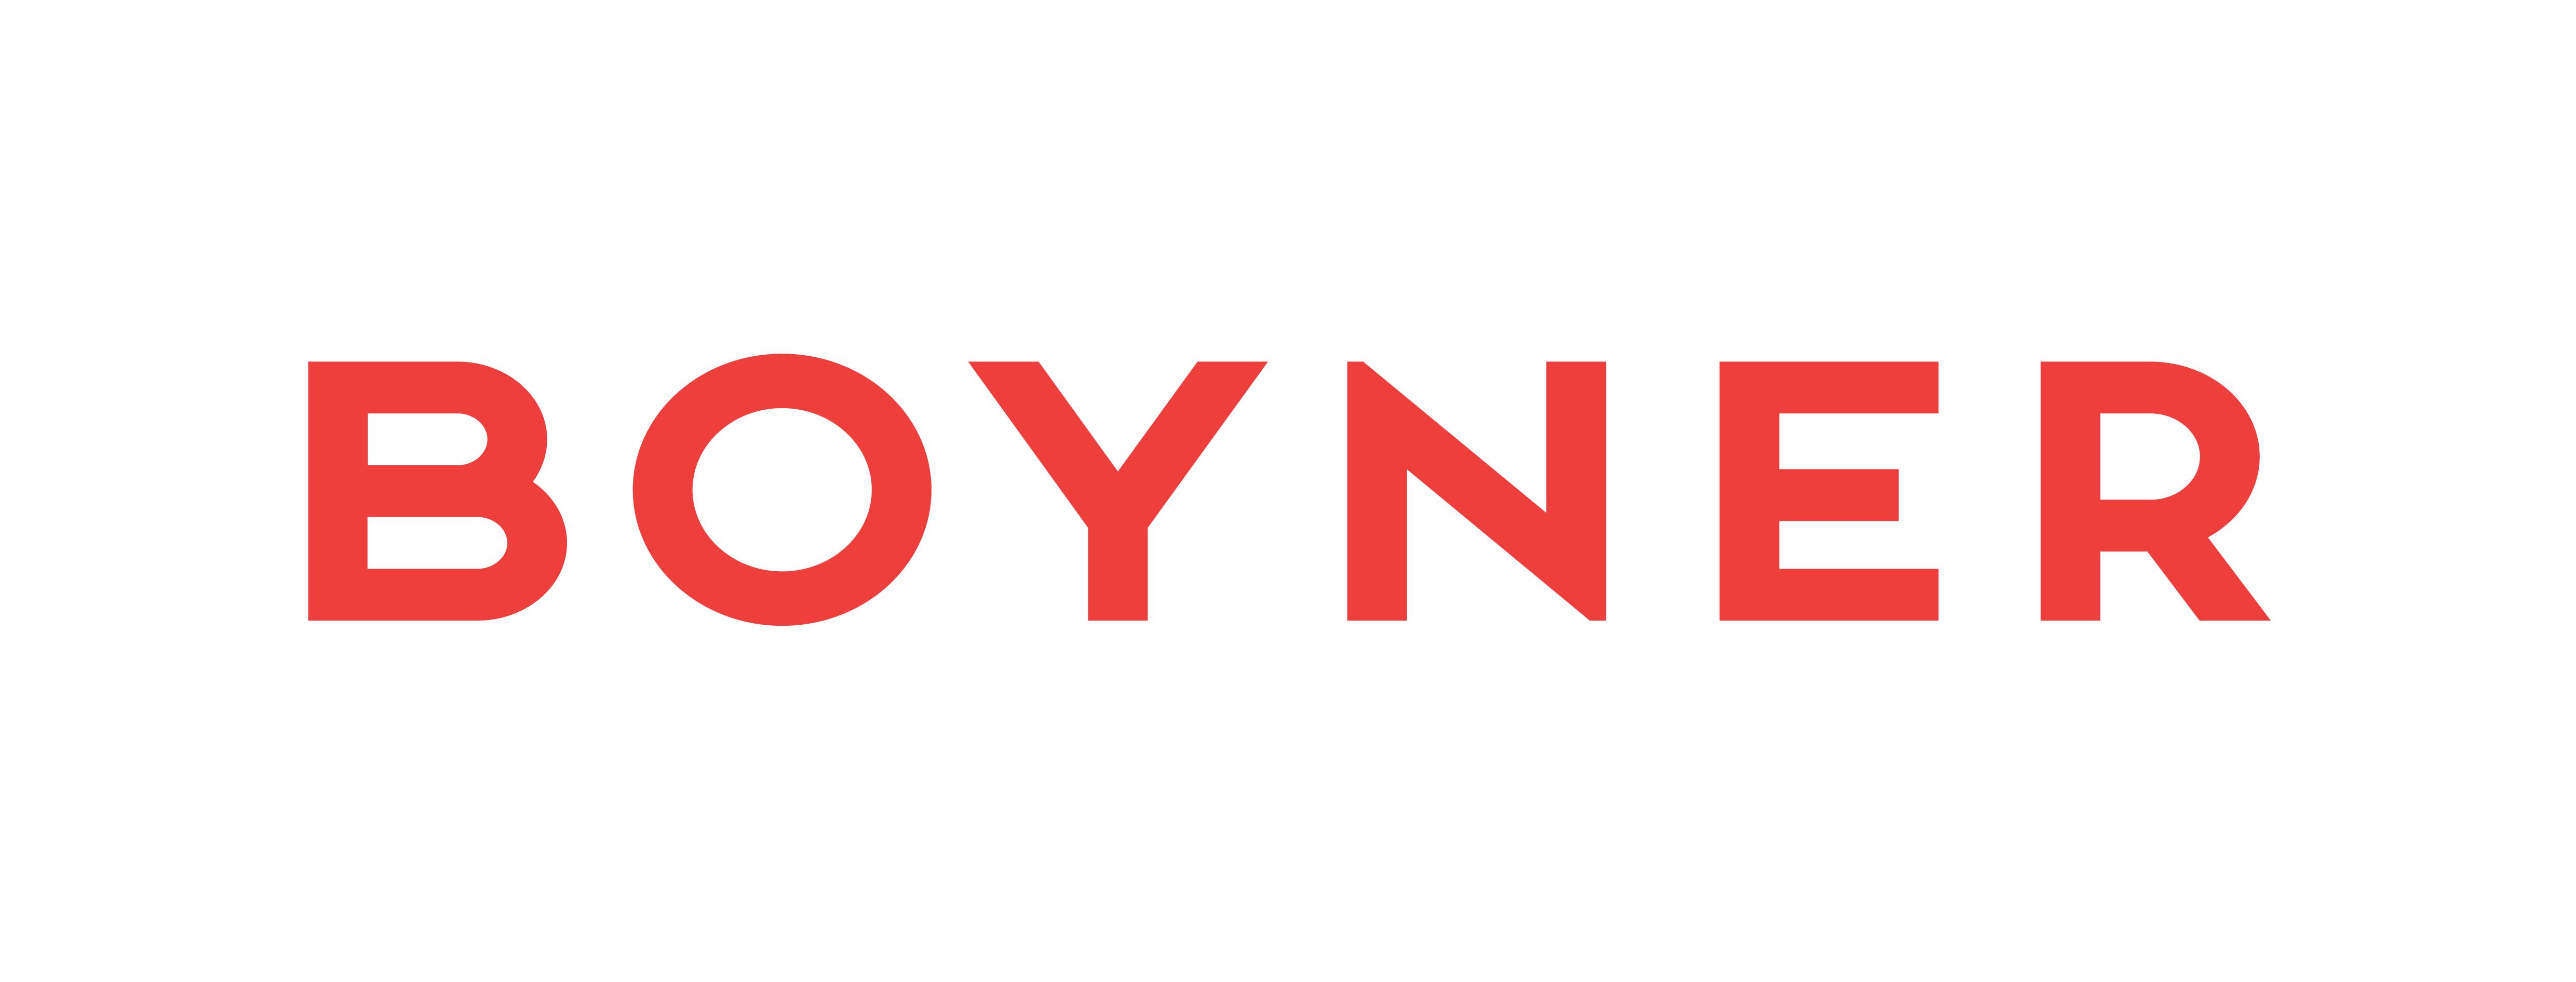 Boyner'in Yeni İletişim Ajansı GoodWorks